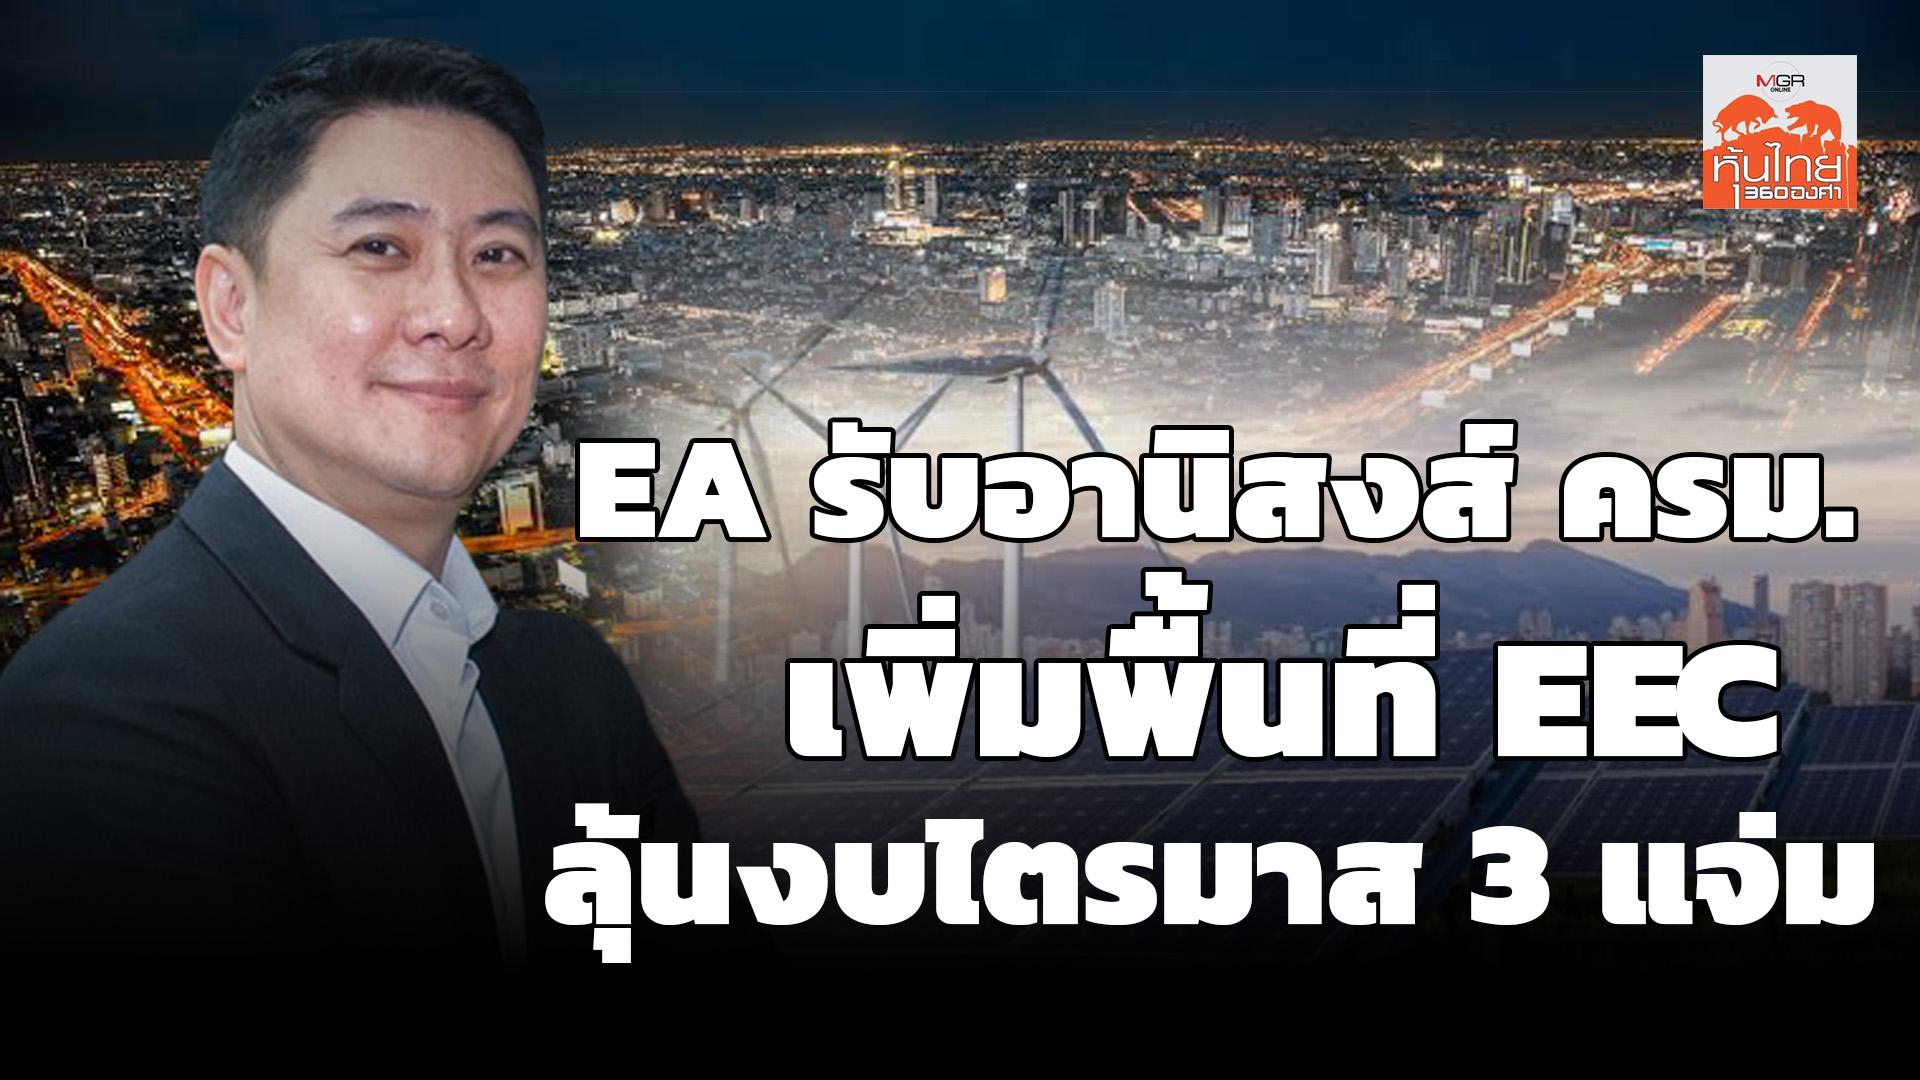 EA รับอานิสงส์ ครม. เพิ่มพื้นที่ EEC - ลุ้นงบไตรมาส 3 แจ่ม